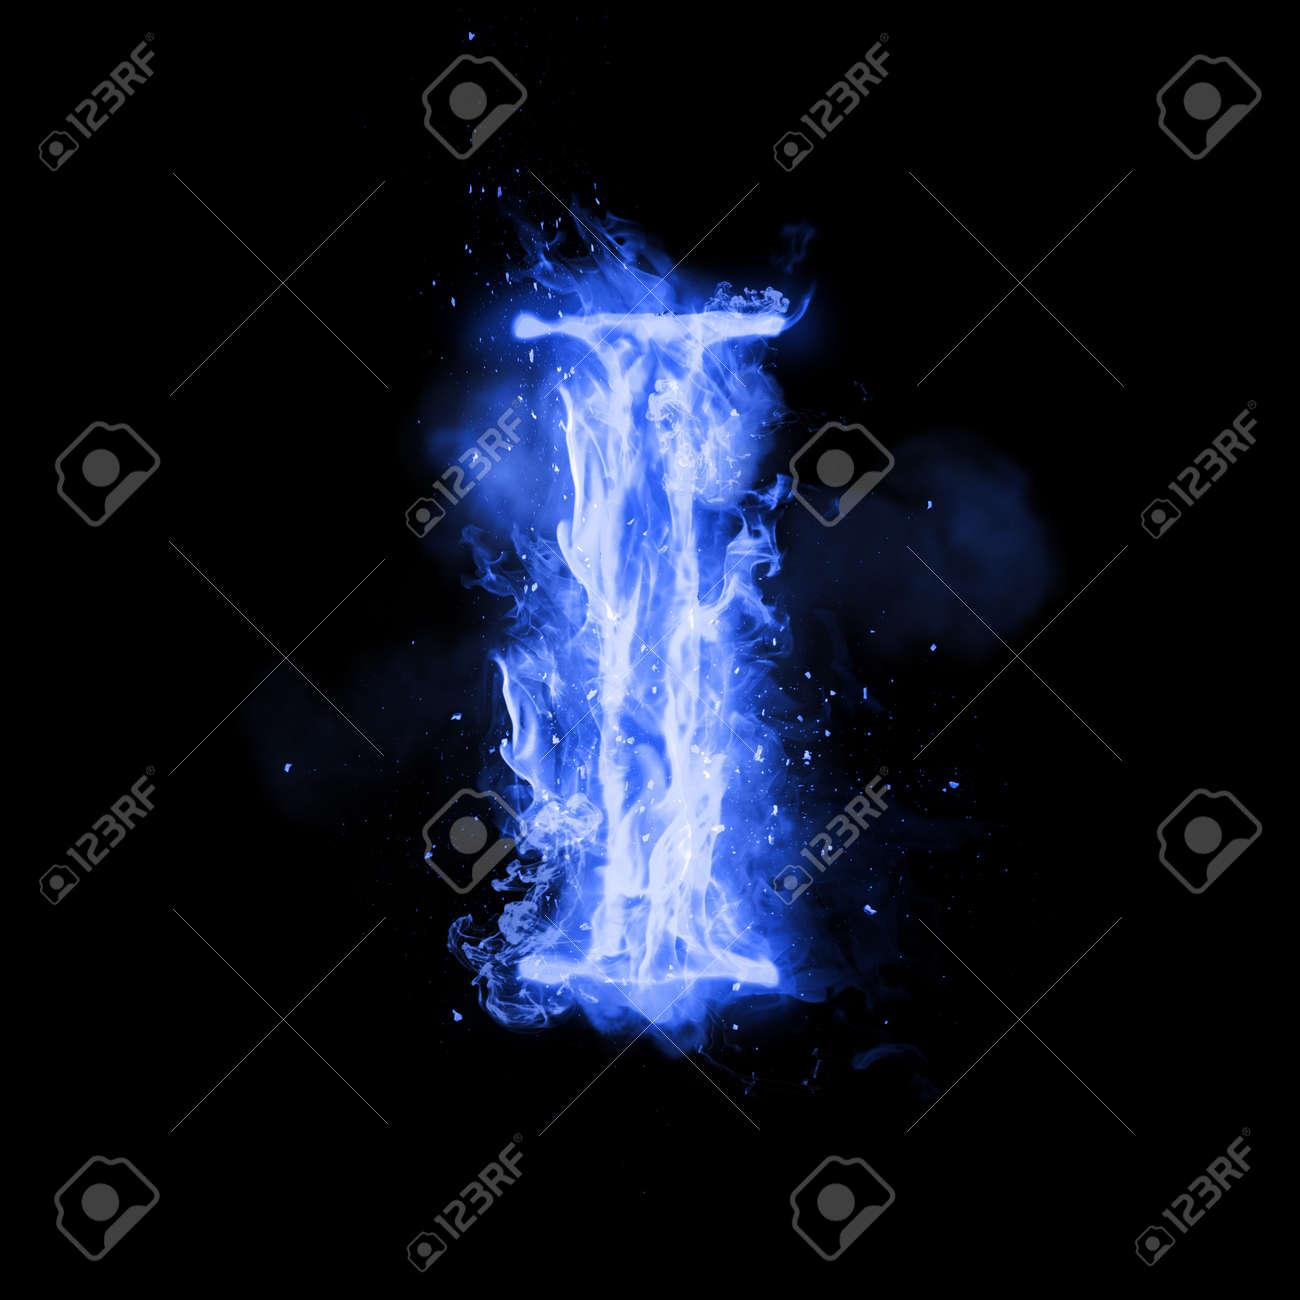 Fire Letter I Of Burning Blue Flame Flaming Burn Font Or Bonfire